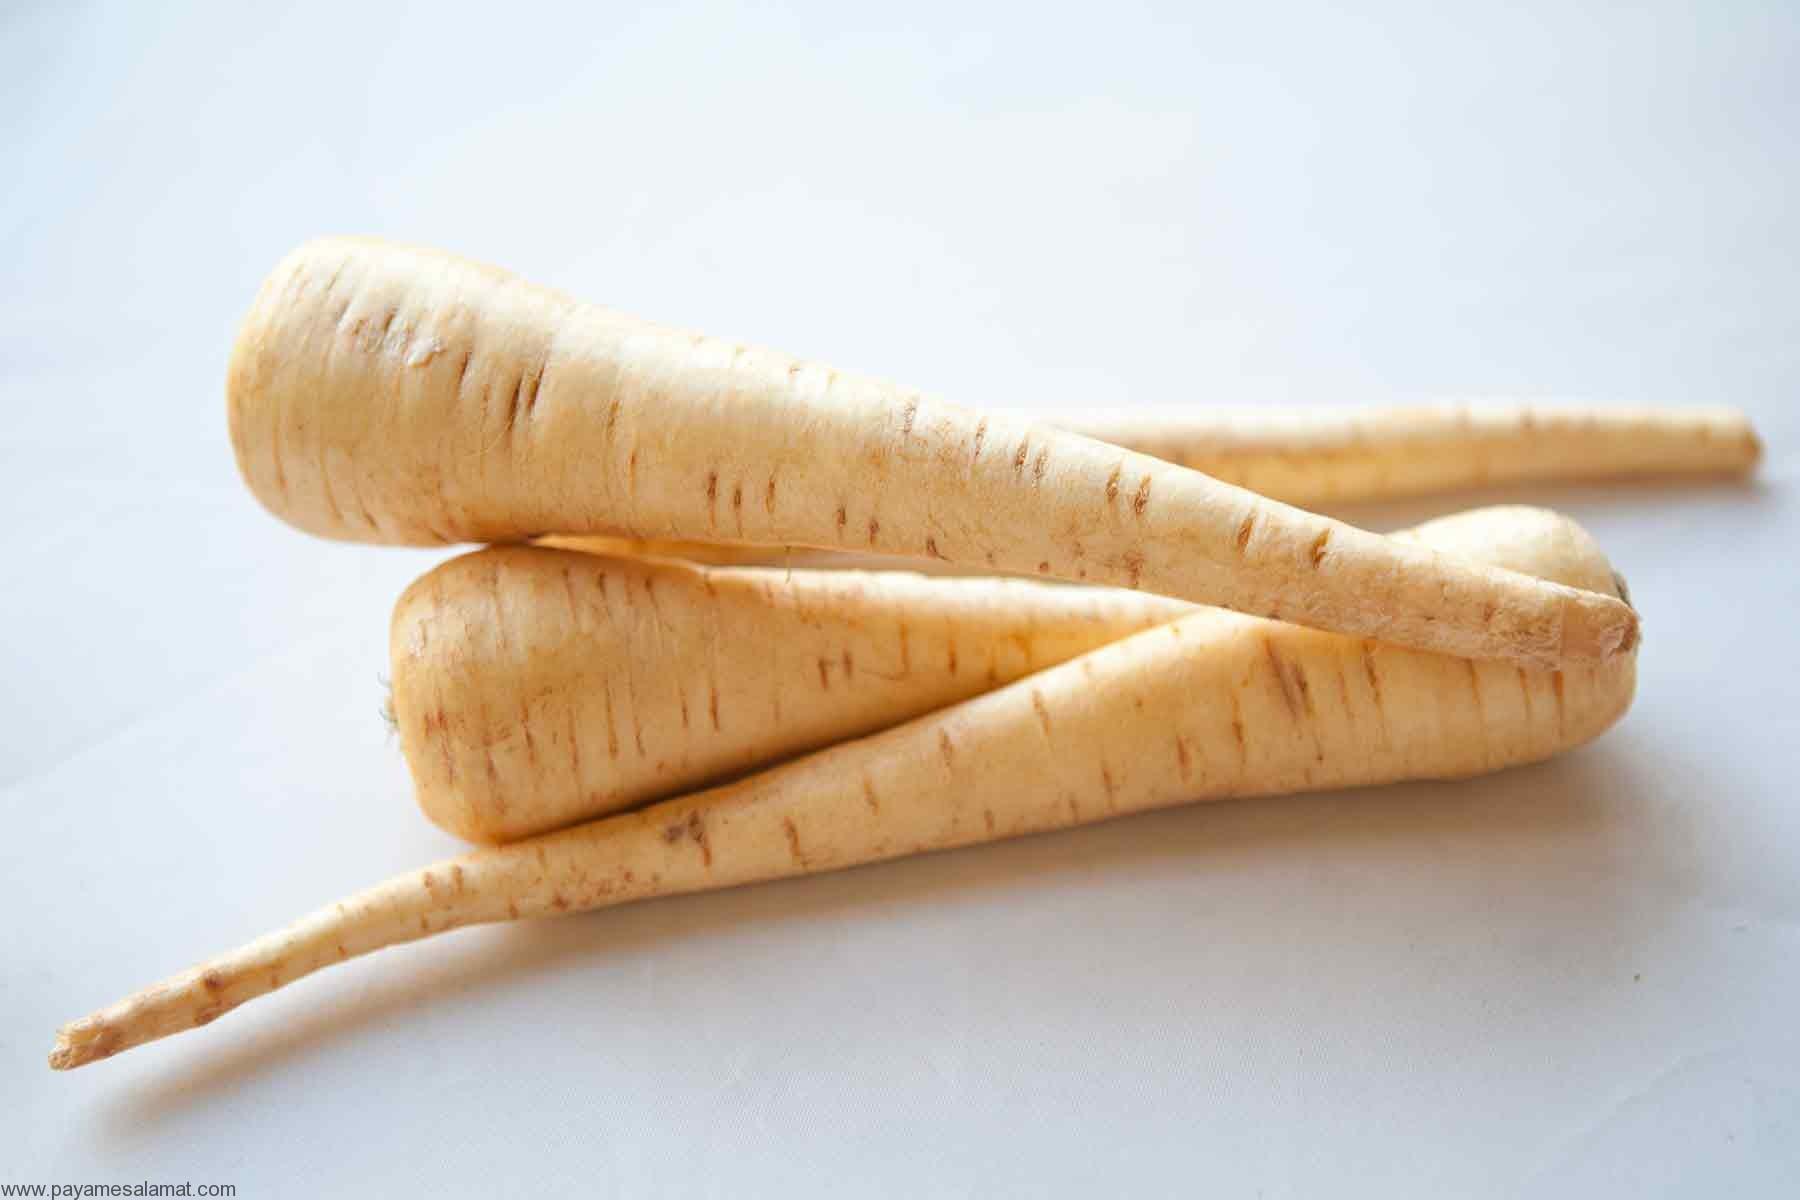 خواص هویج وحشی برای چشم، قلب و دستگاه گوارش به همراه ارزش غذایی این گیاه